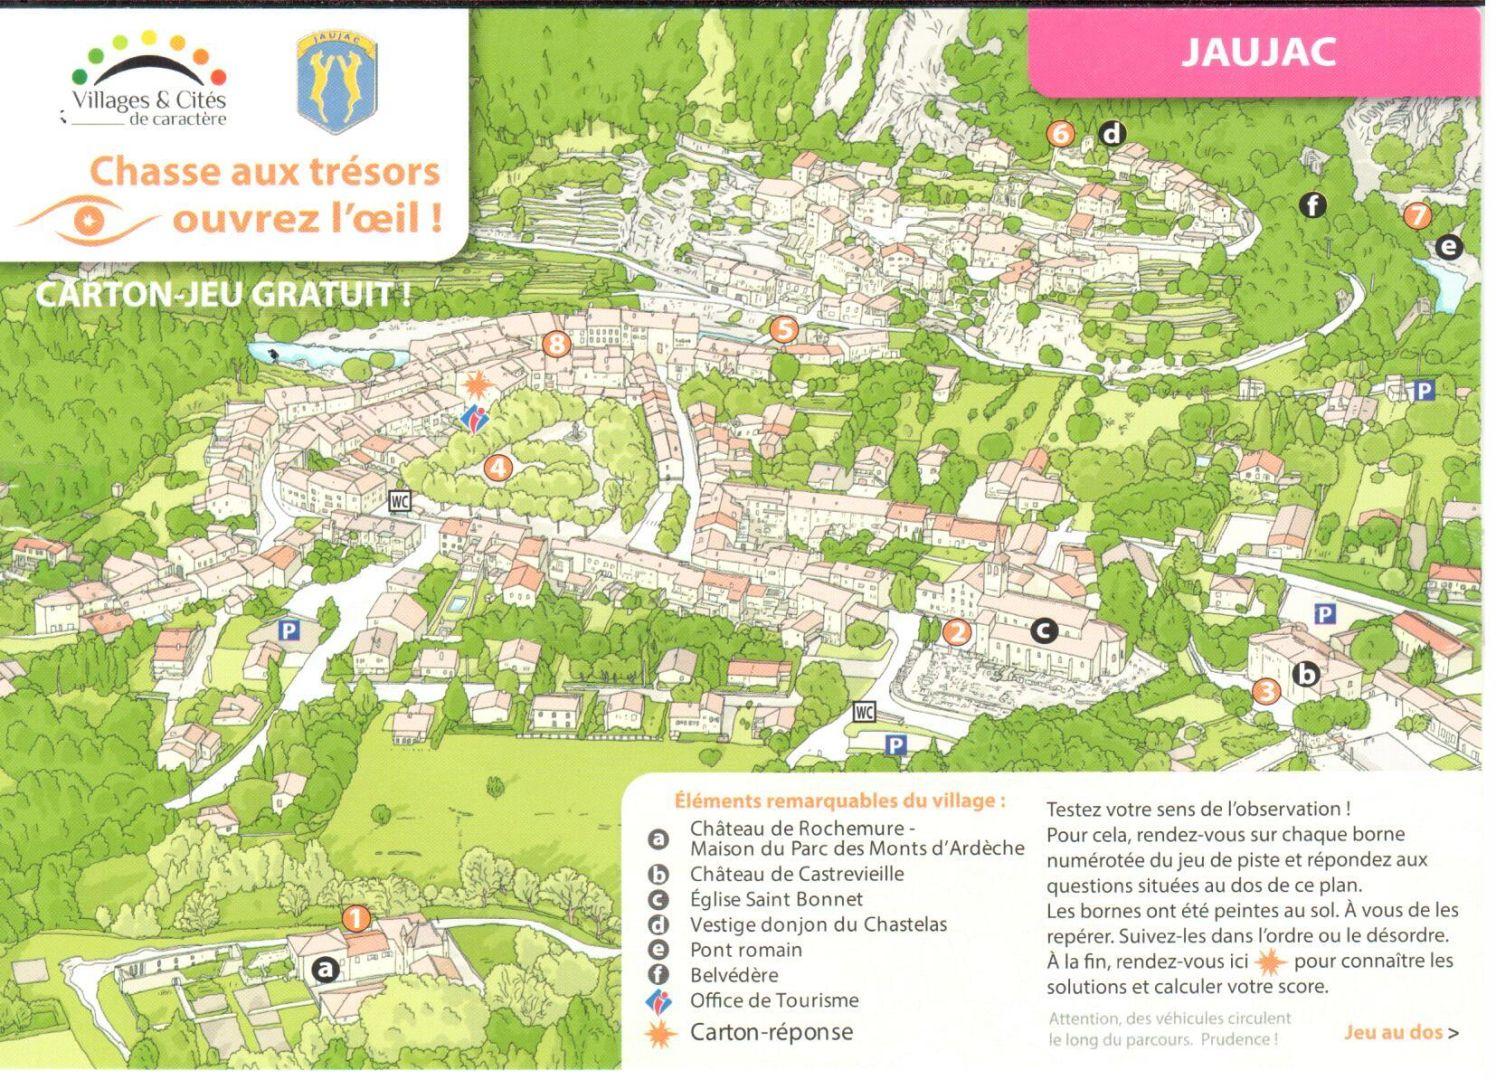 Treasure Hunt : What To Do In Ardeche Jaujac | Ardeche-Guide dedans Jeux De Parcours Gratuit